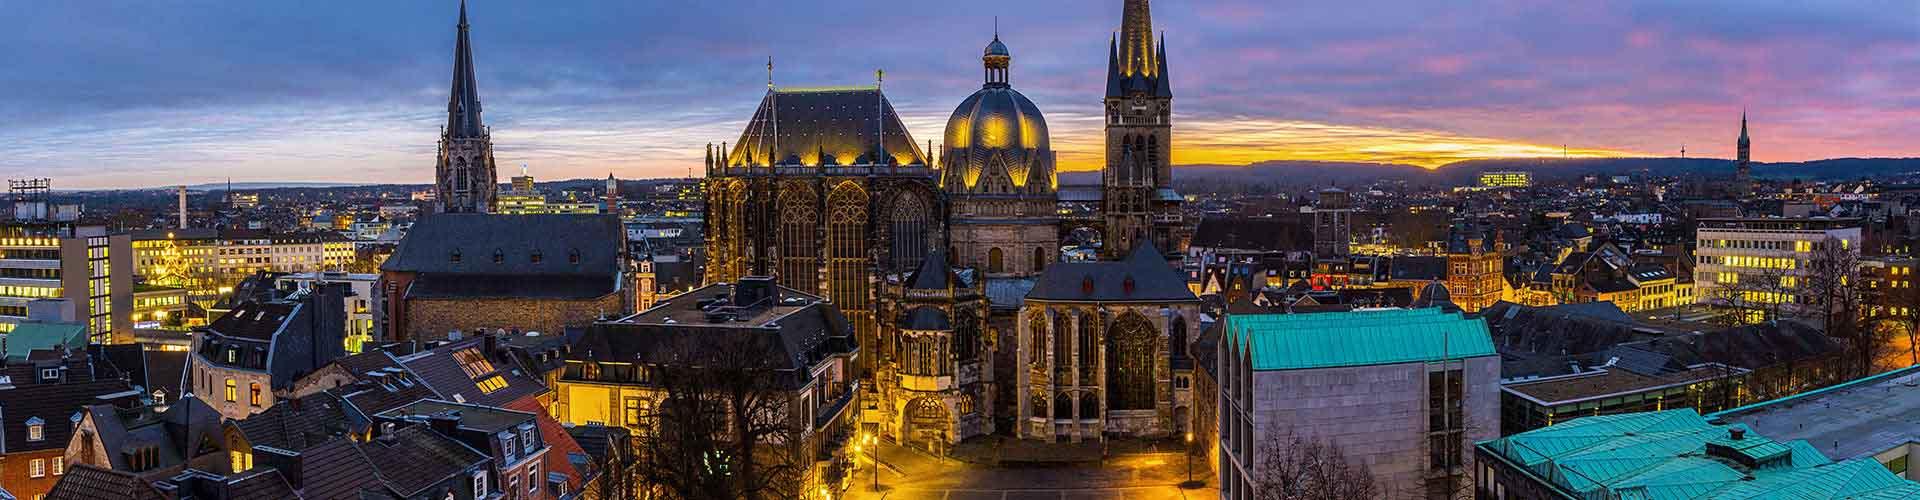 Aachen - Hoteles baratos en Aachen. Mapas de Aachen, Fotos y comentarios de cada Hotel en Aachen.